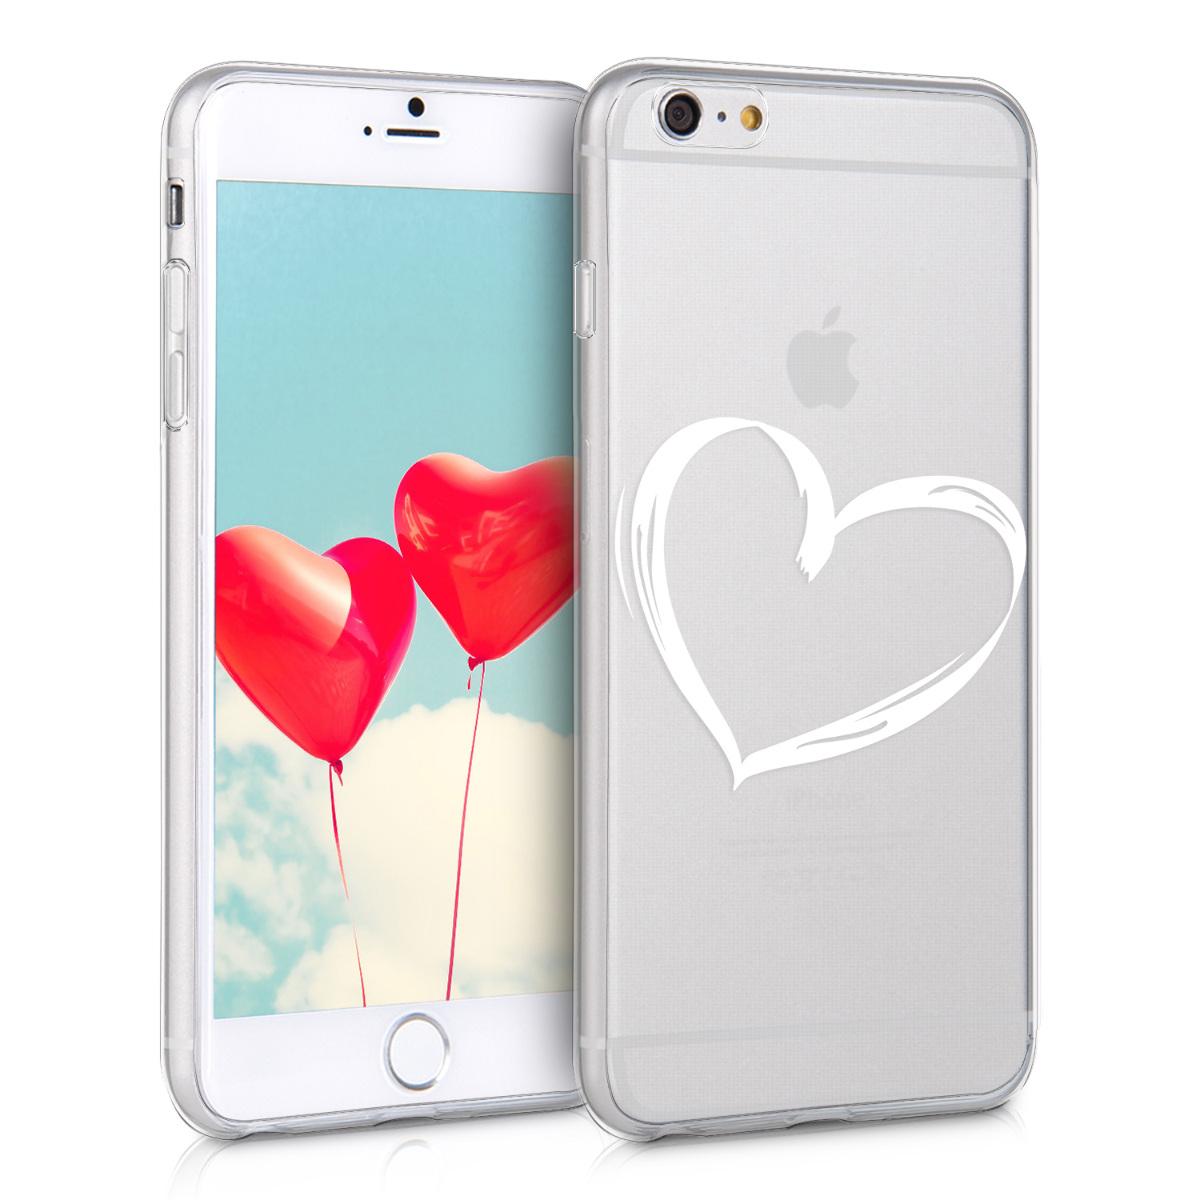 Kvalitní silikonové TPU pouzdro pro Apple iPhone 6 Plus / 6S - Brushed Heart White | Transparent